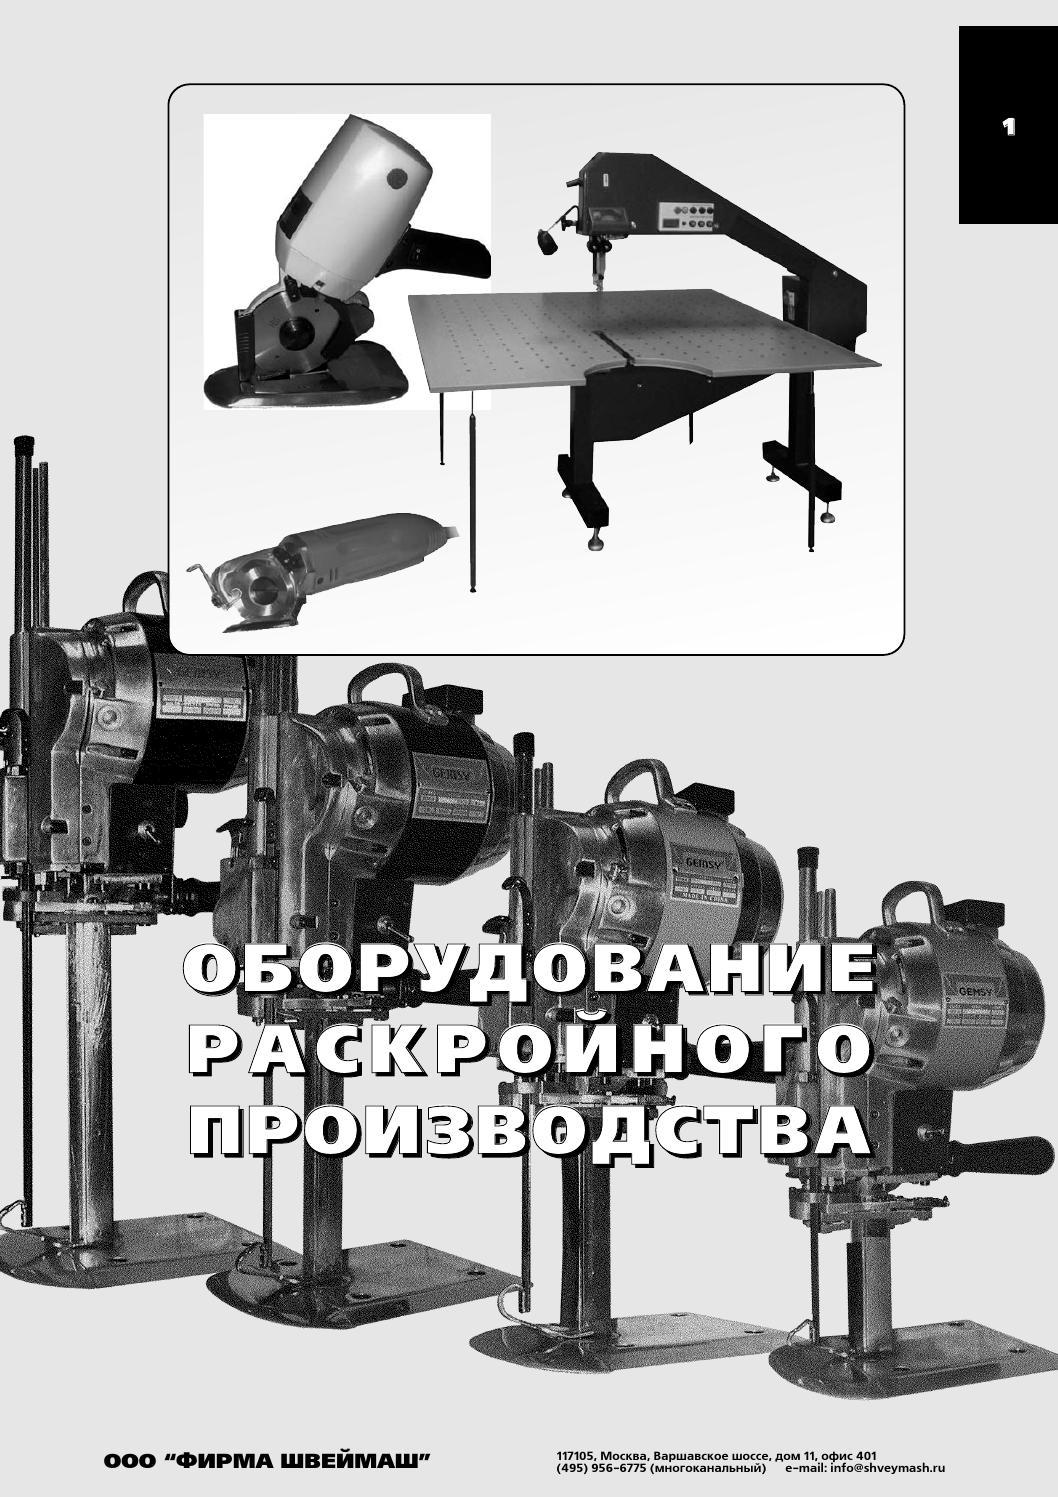 сервомотор gemsy инструкция